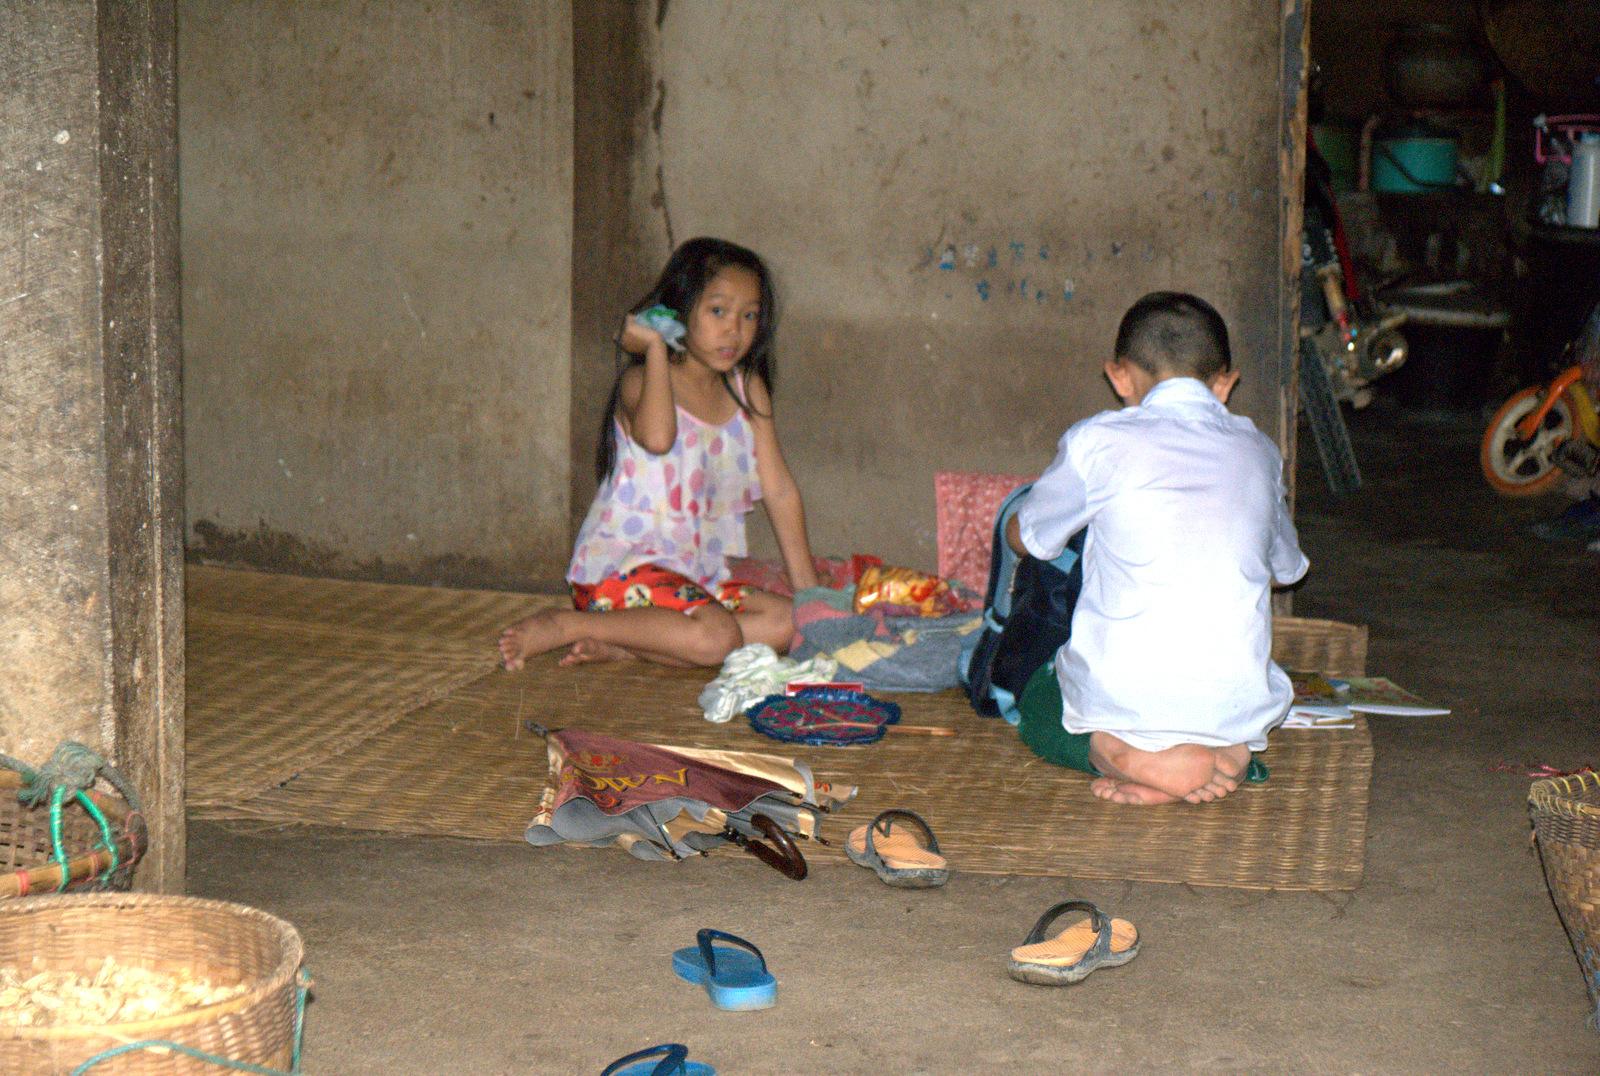 Zaliczyć Birmę, spróbować kasztanów i uciec przed powodzią 125